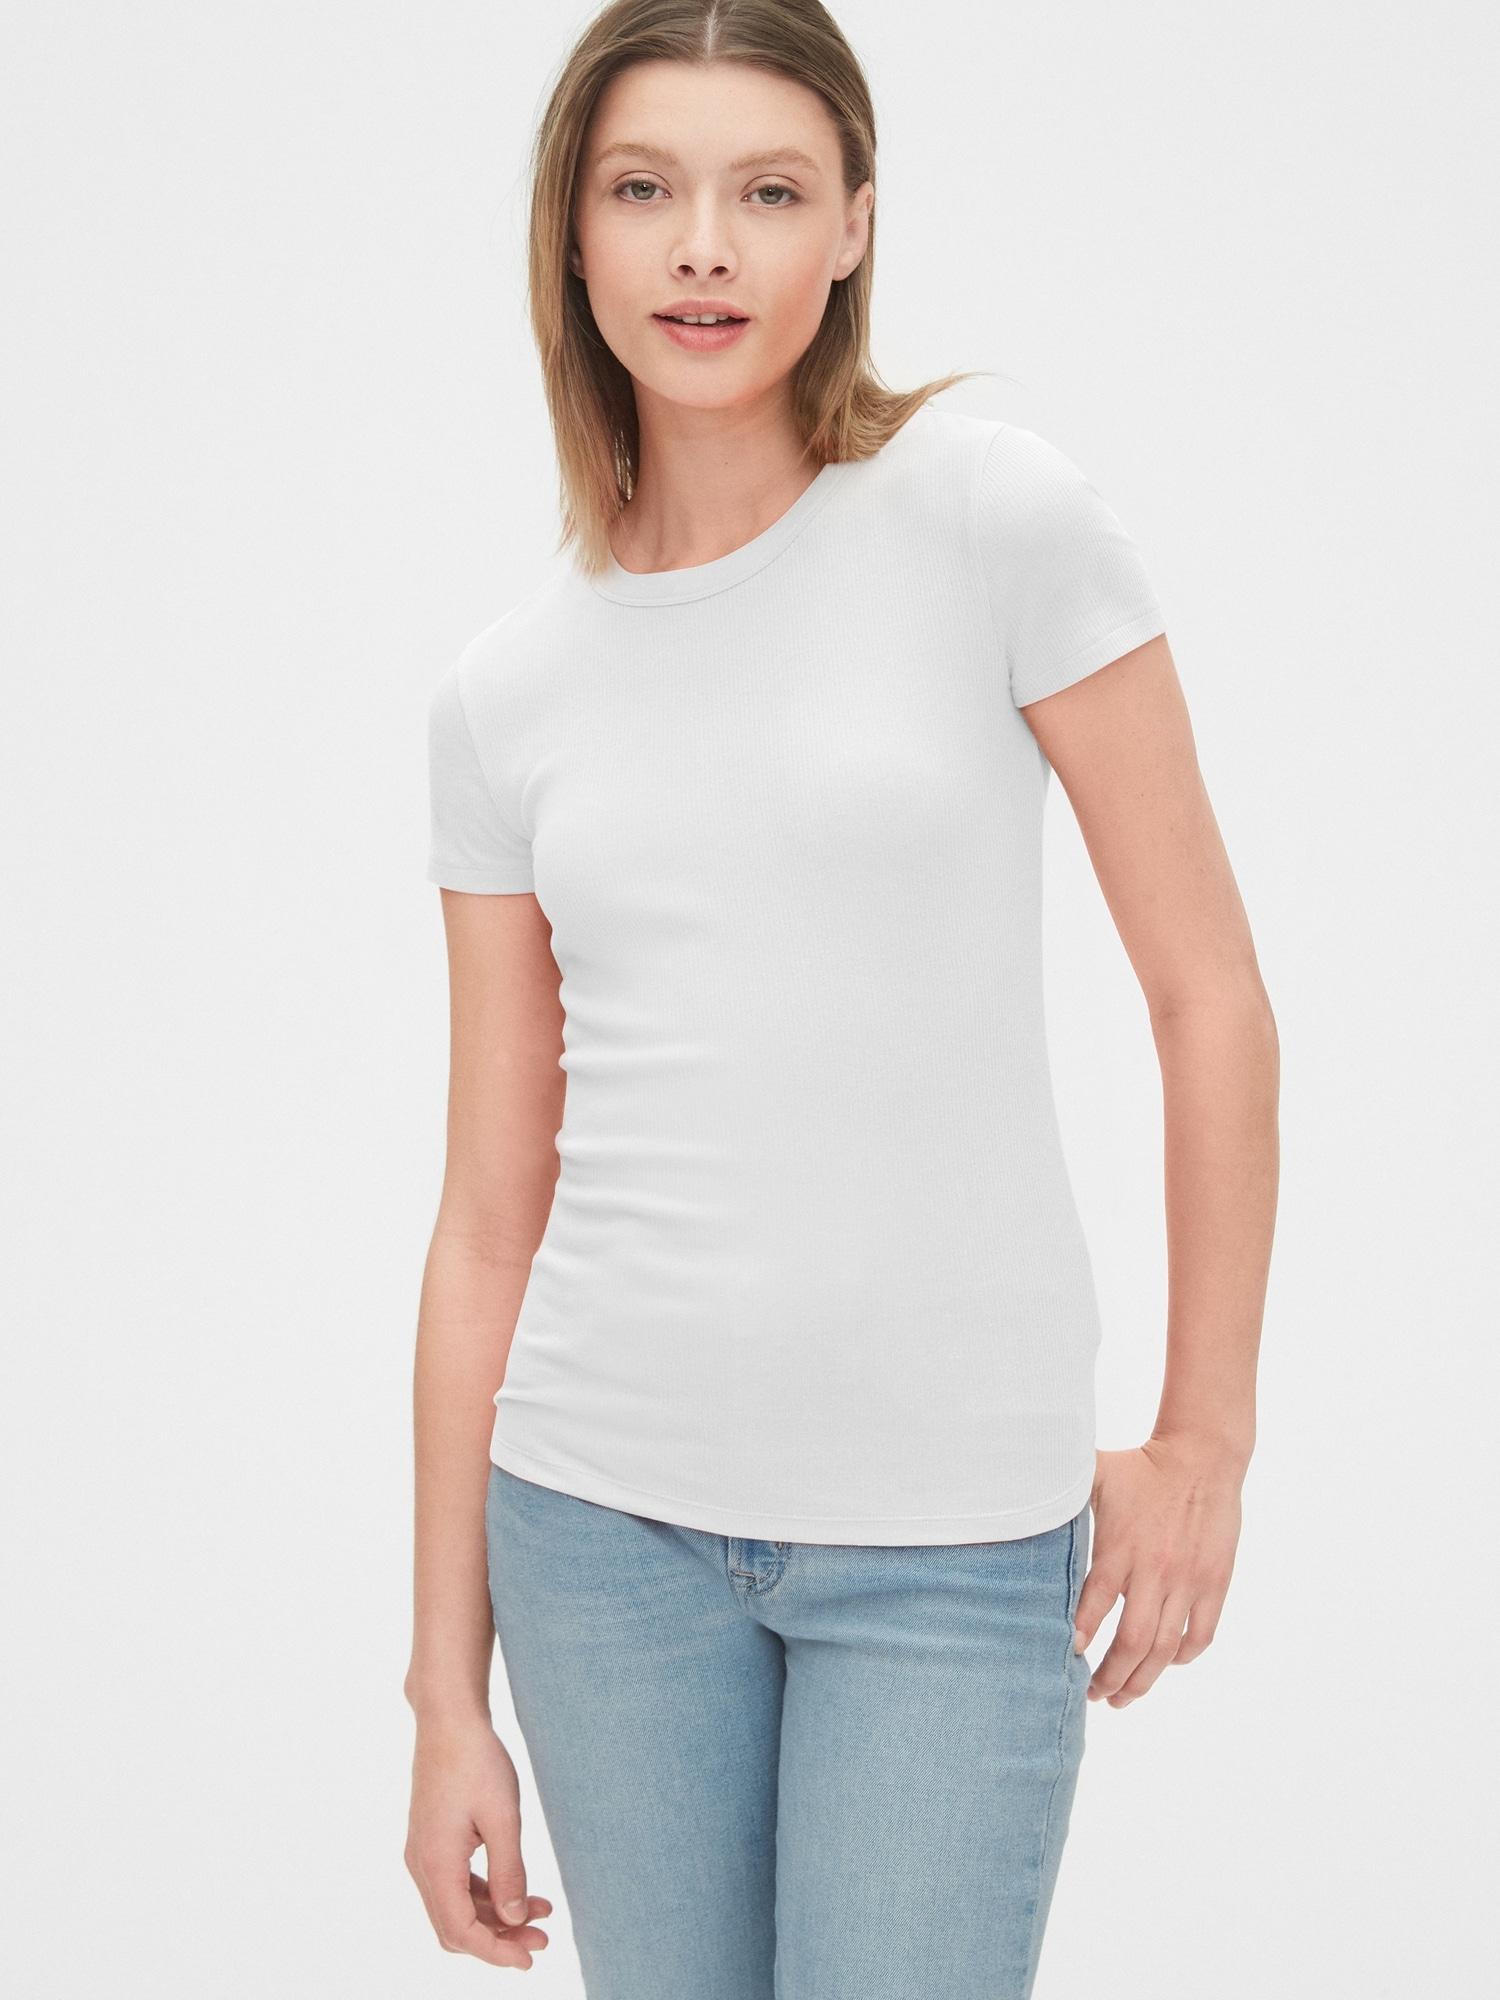 ソフトスパン フィッティッドクルーネックtシャツ